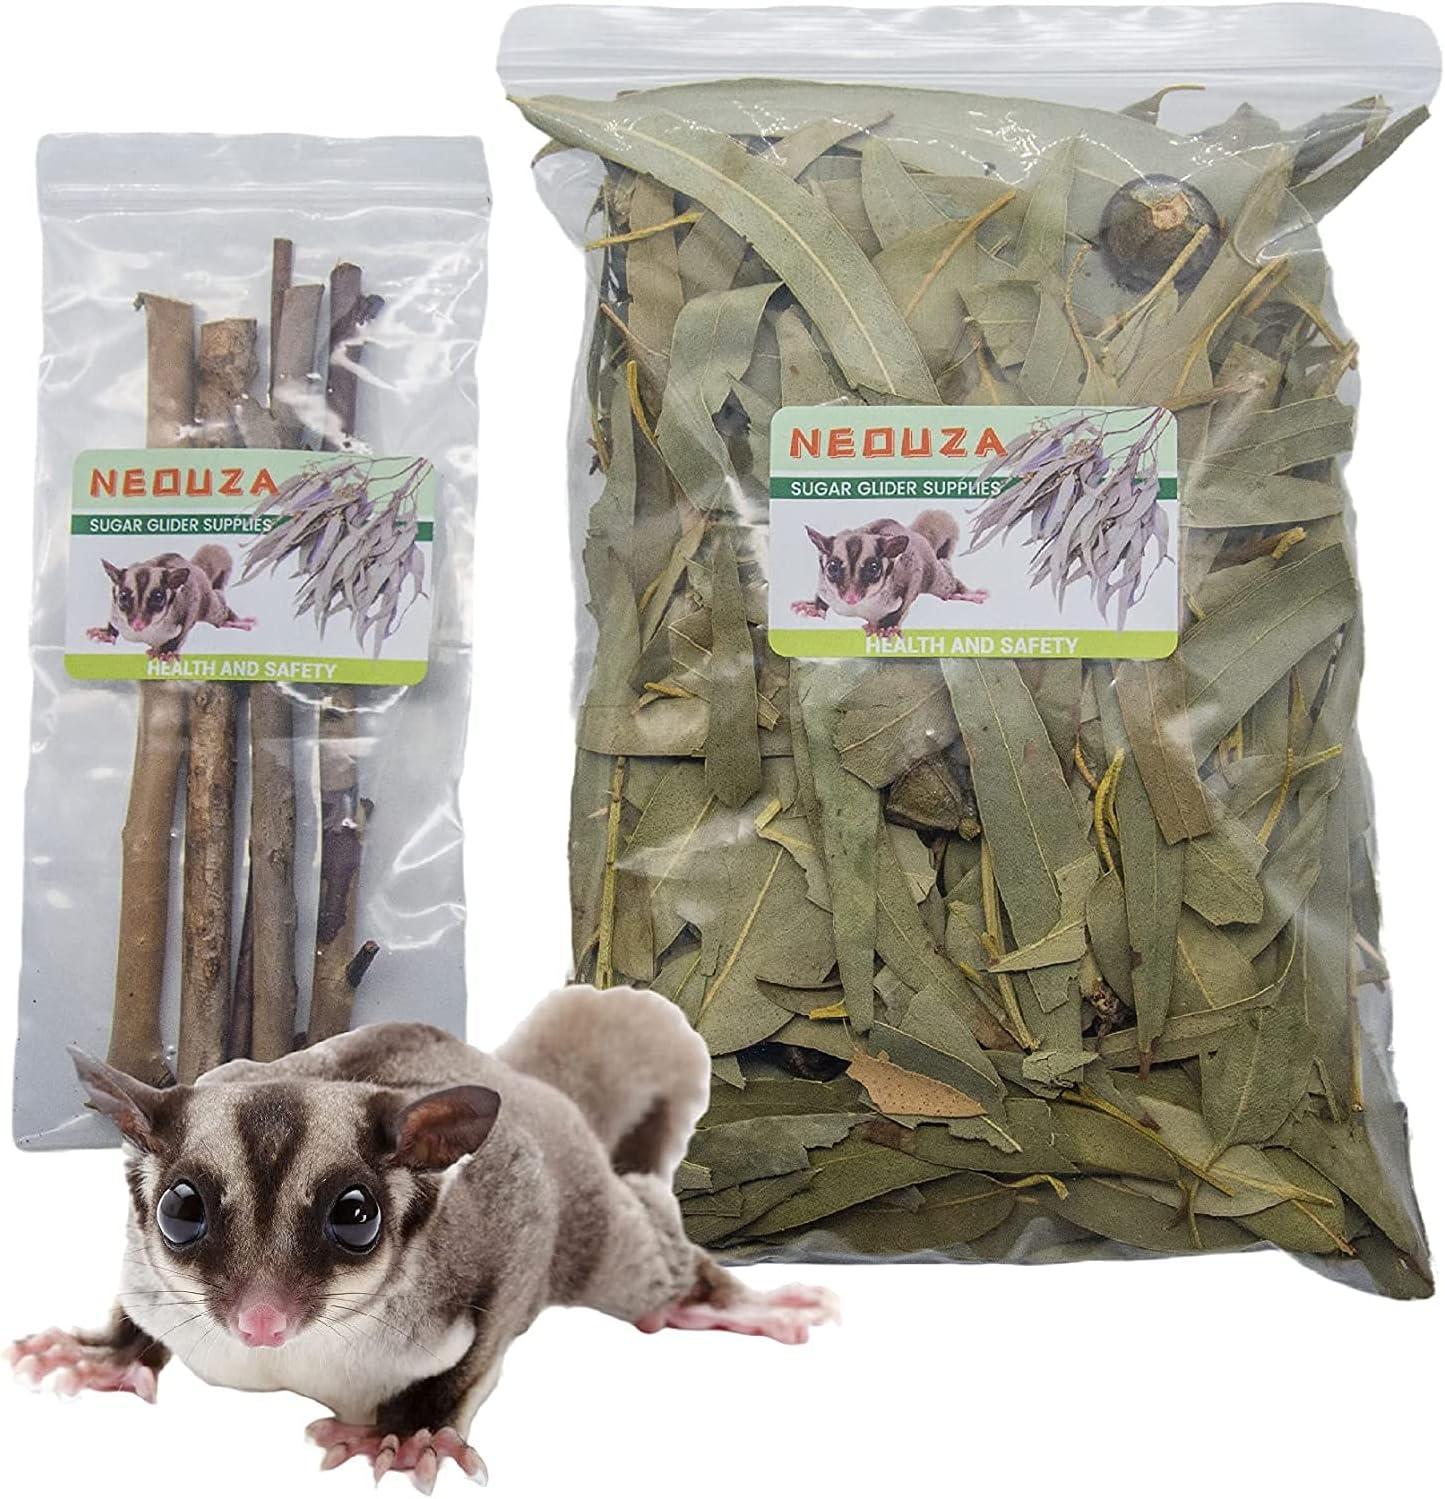 NEOUZA Azúcar Planeador de cama para animales pequeños, golosinas para masticar, juguetes molares, 200 g hojas de eucalipto secas naturales y ramitas (200 g de hojas de eucalipto)